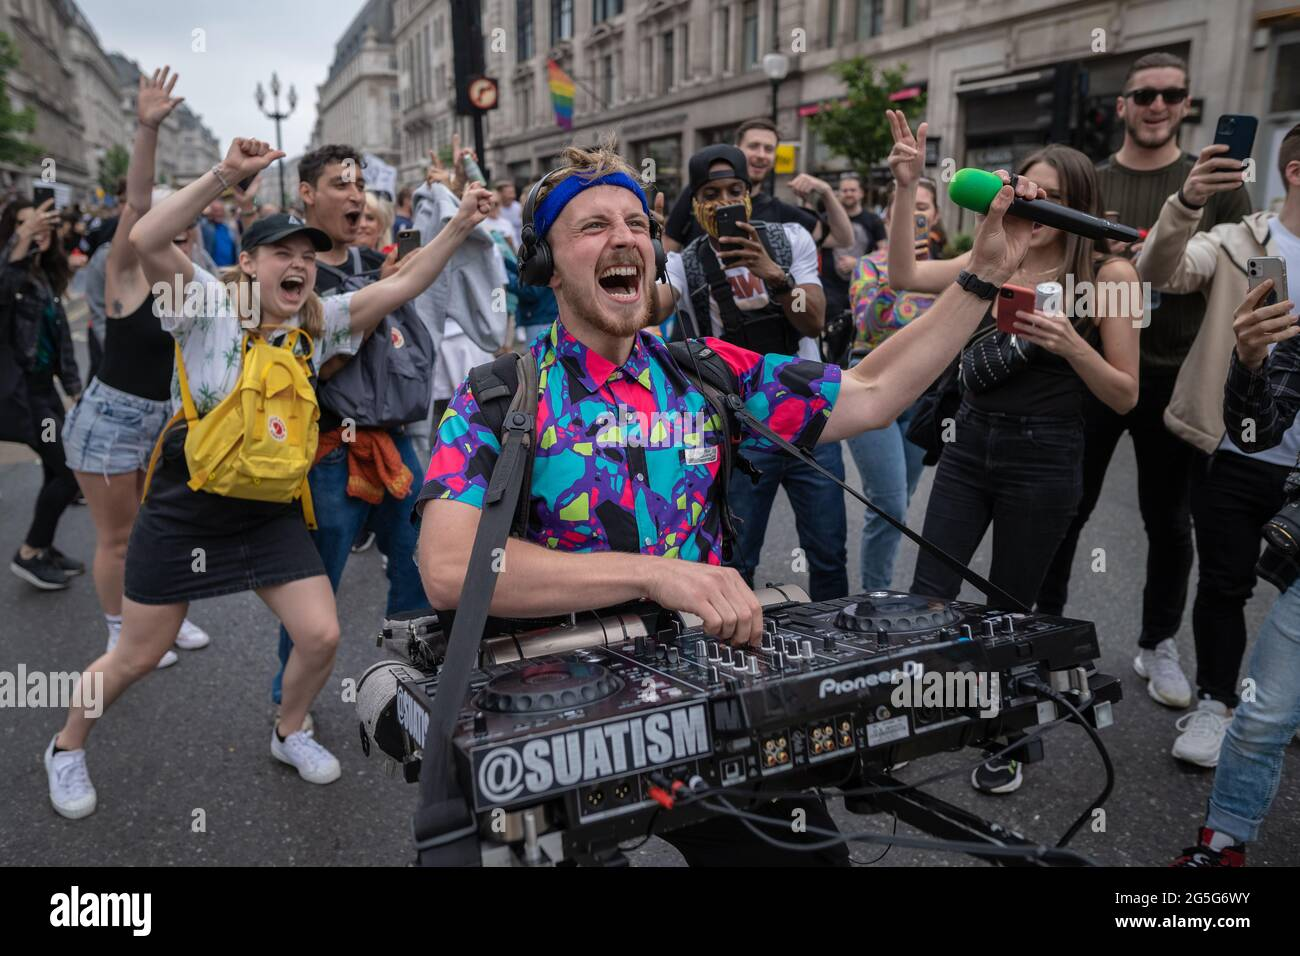 London, Großbritannien. Juni 2021. Freedom To Dance Marsch. Hunderte von Musik- und Tanzliebhabern versammeln sich in der Nähe des BBC-Hauptquartiers, um zu protestieren und Unterstützung für das britische Nachtleben und die Live-Event-Branche zu zeigen, während der Sektor angesichts der anhaltenden Beschränkungen ums Überleben kämpft. #FREEDOMTODANCE protestmarsch wurde von Save our Scene UK und #LetUsDance organisiert. Kredit: Guy Corbishley/Alamy Live Nachrichten Stockfoto